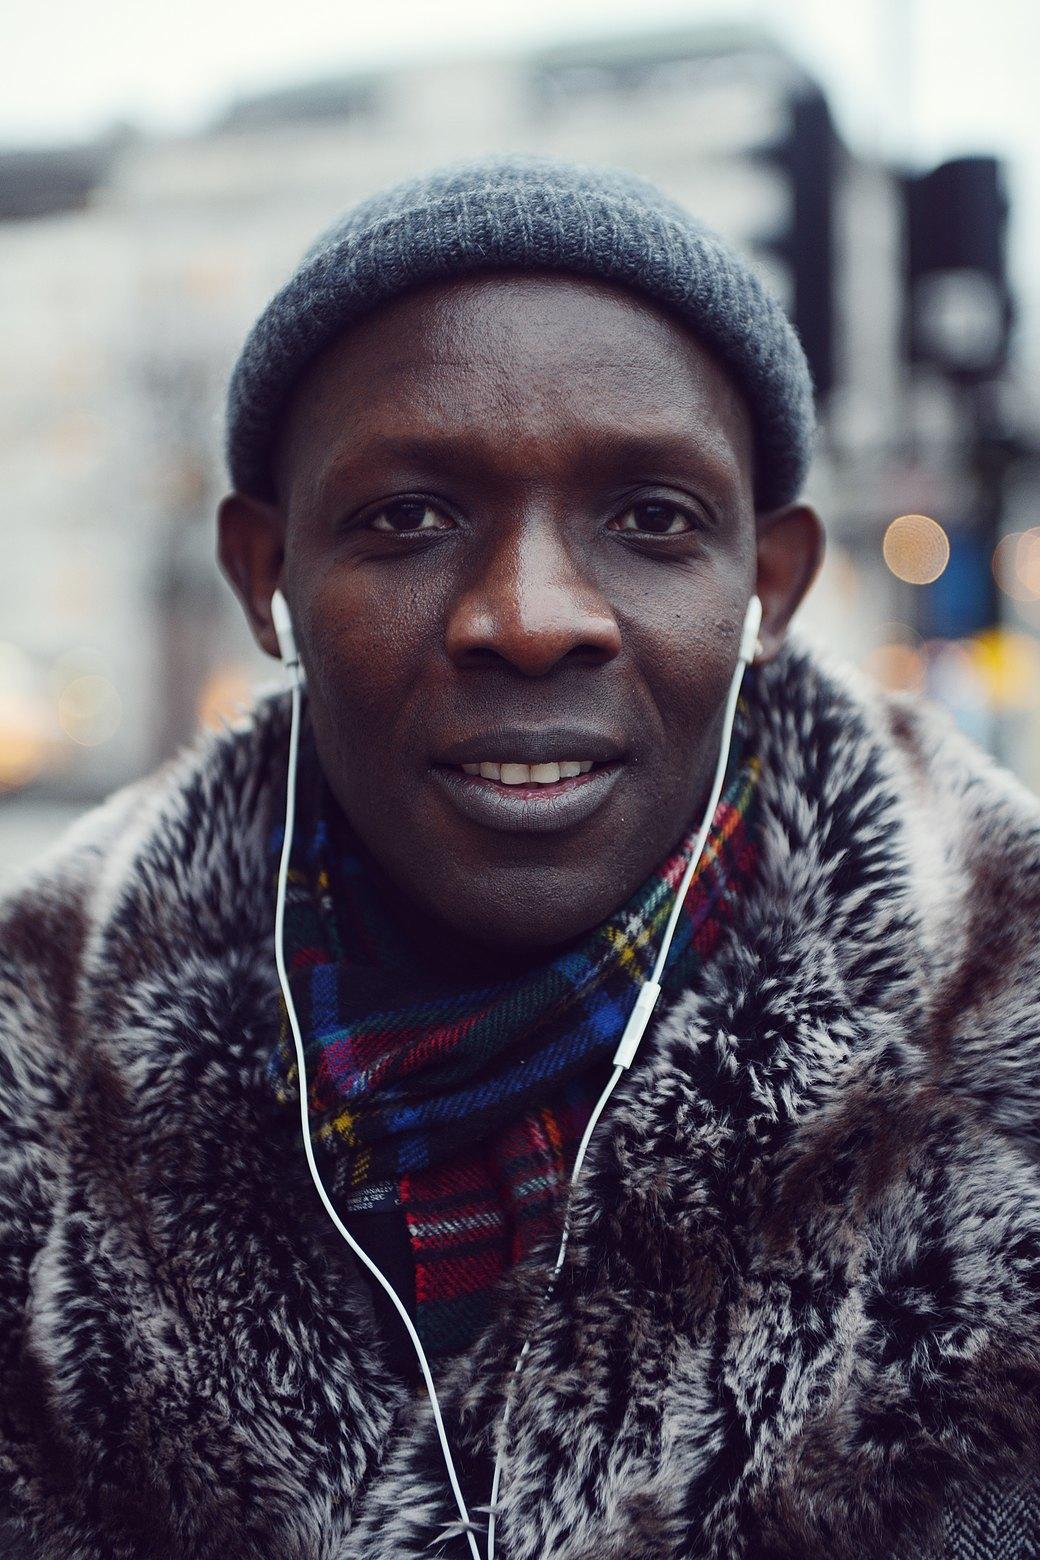 Шубы и горох на Stockholm Fashion Week. Изображение № 12.